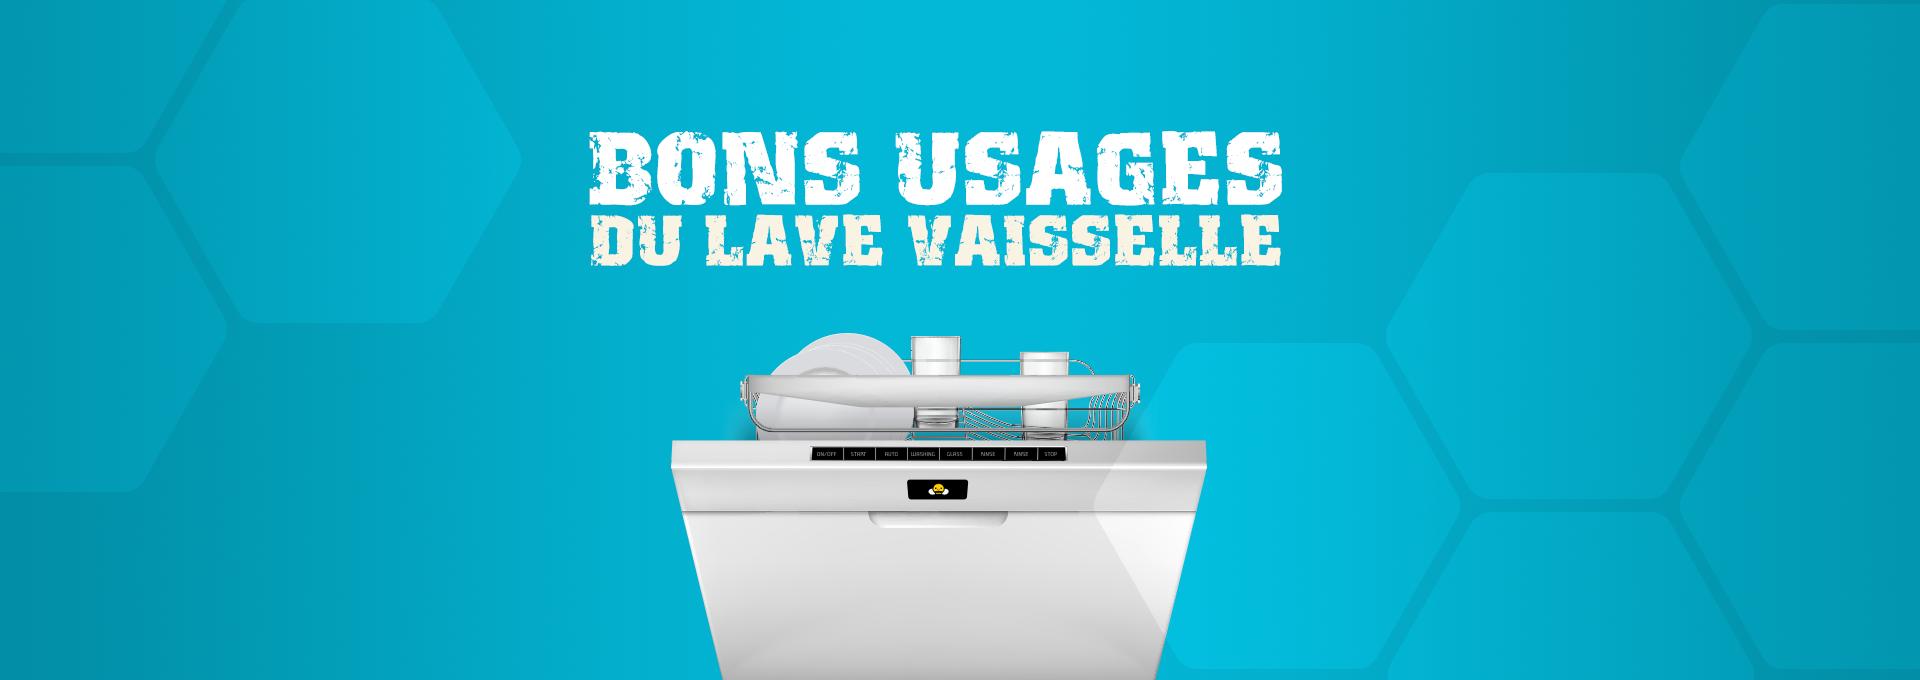 énergie bons usages du lave vaisselle